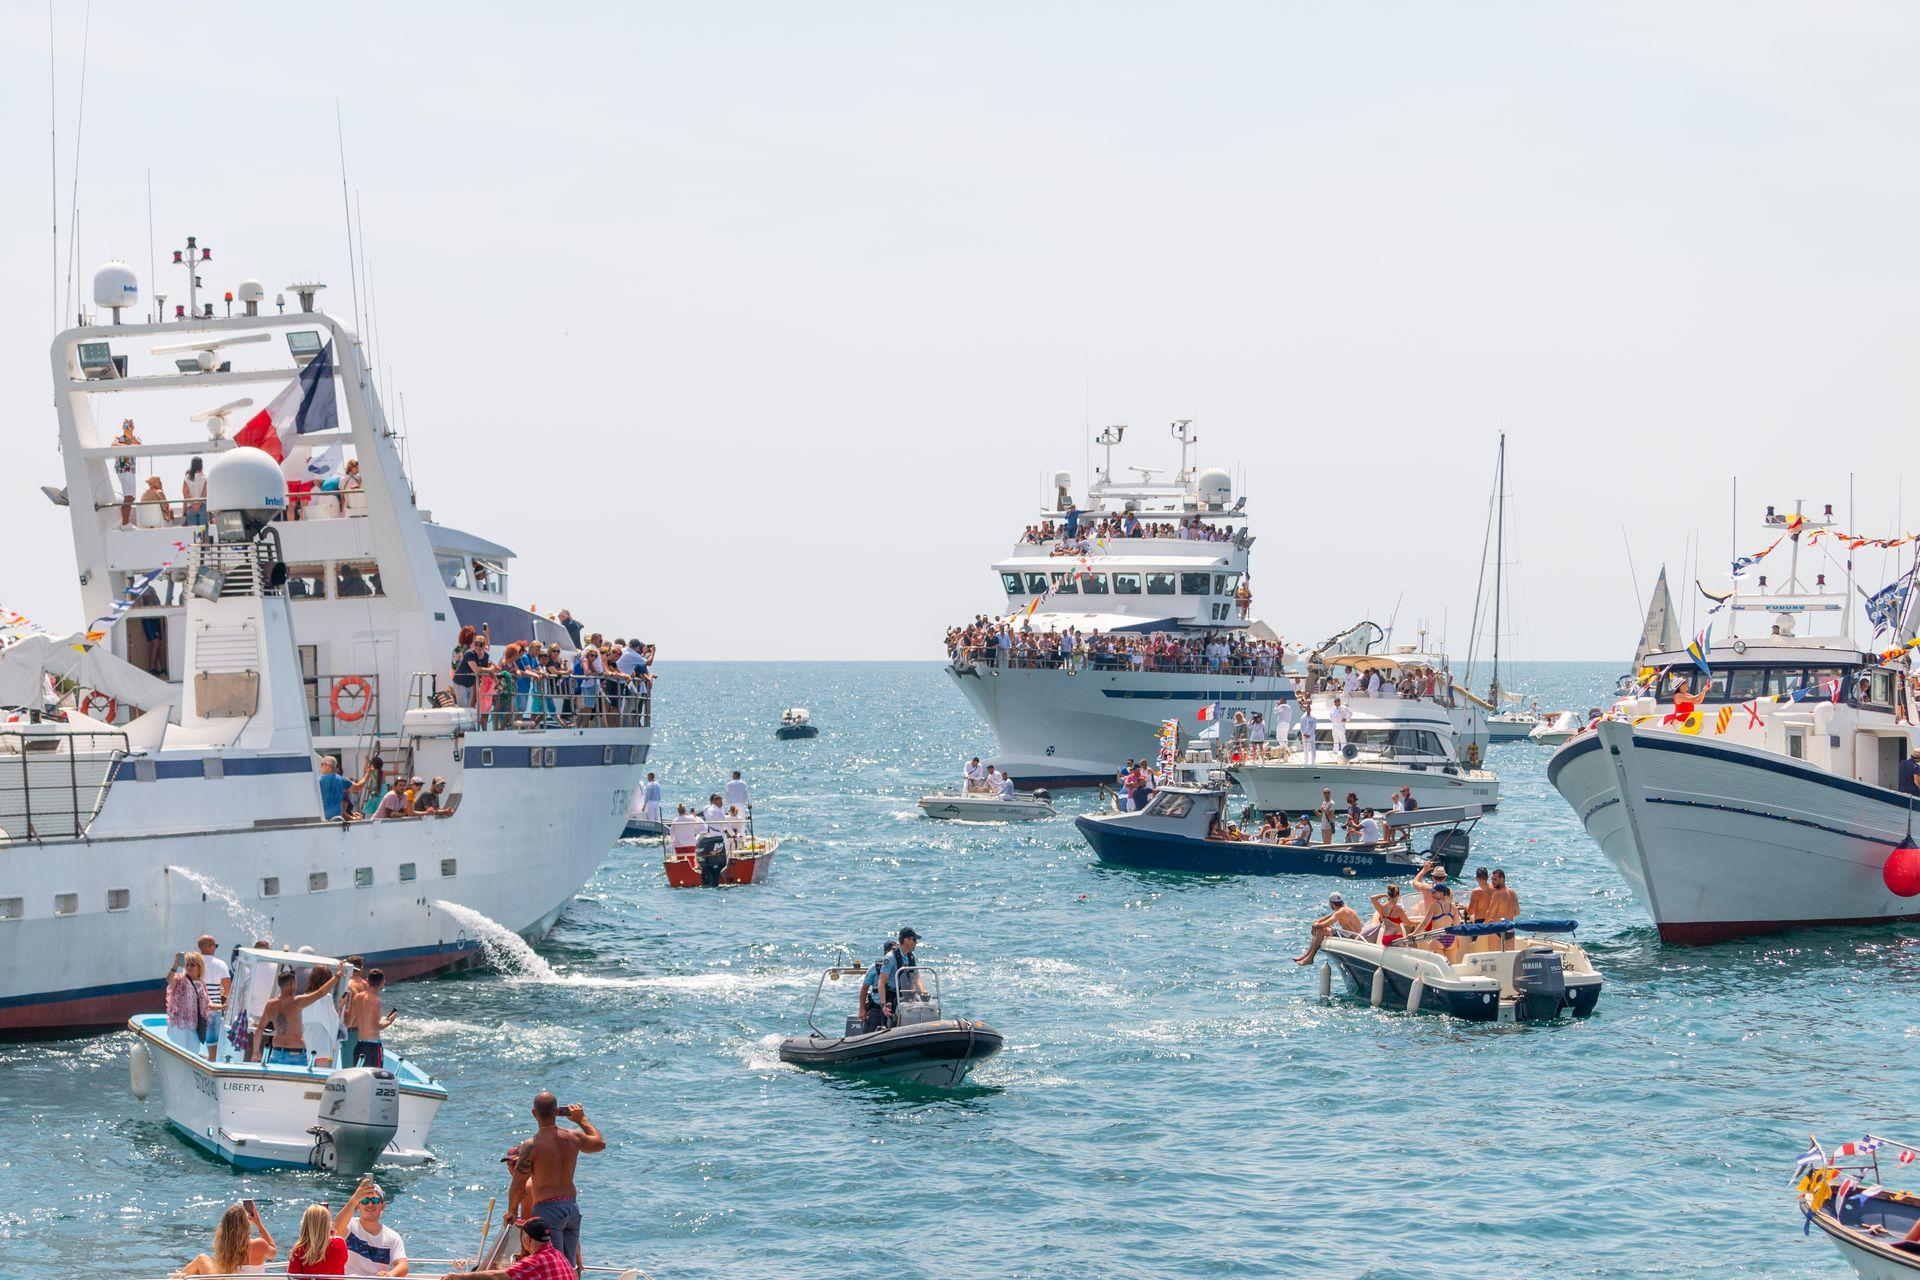 Bateaux de plaisance petits et grands, en train d'apprécier les fêtes de la Saint-Pierre à Sète